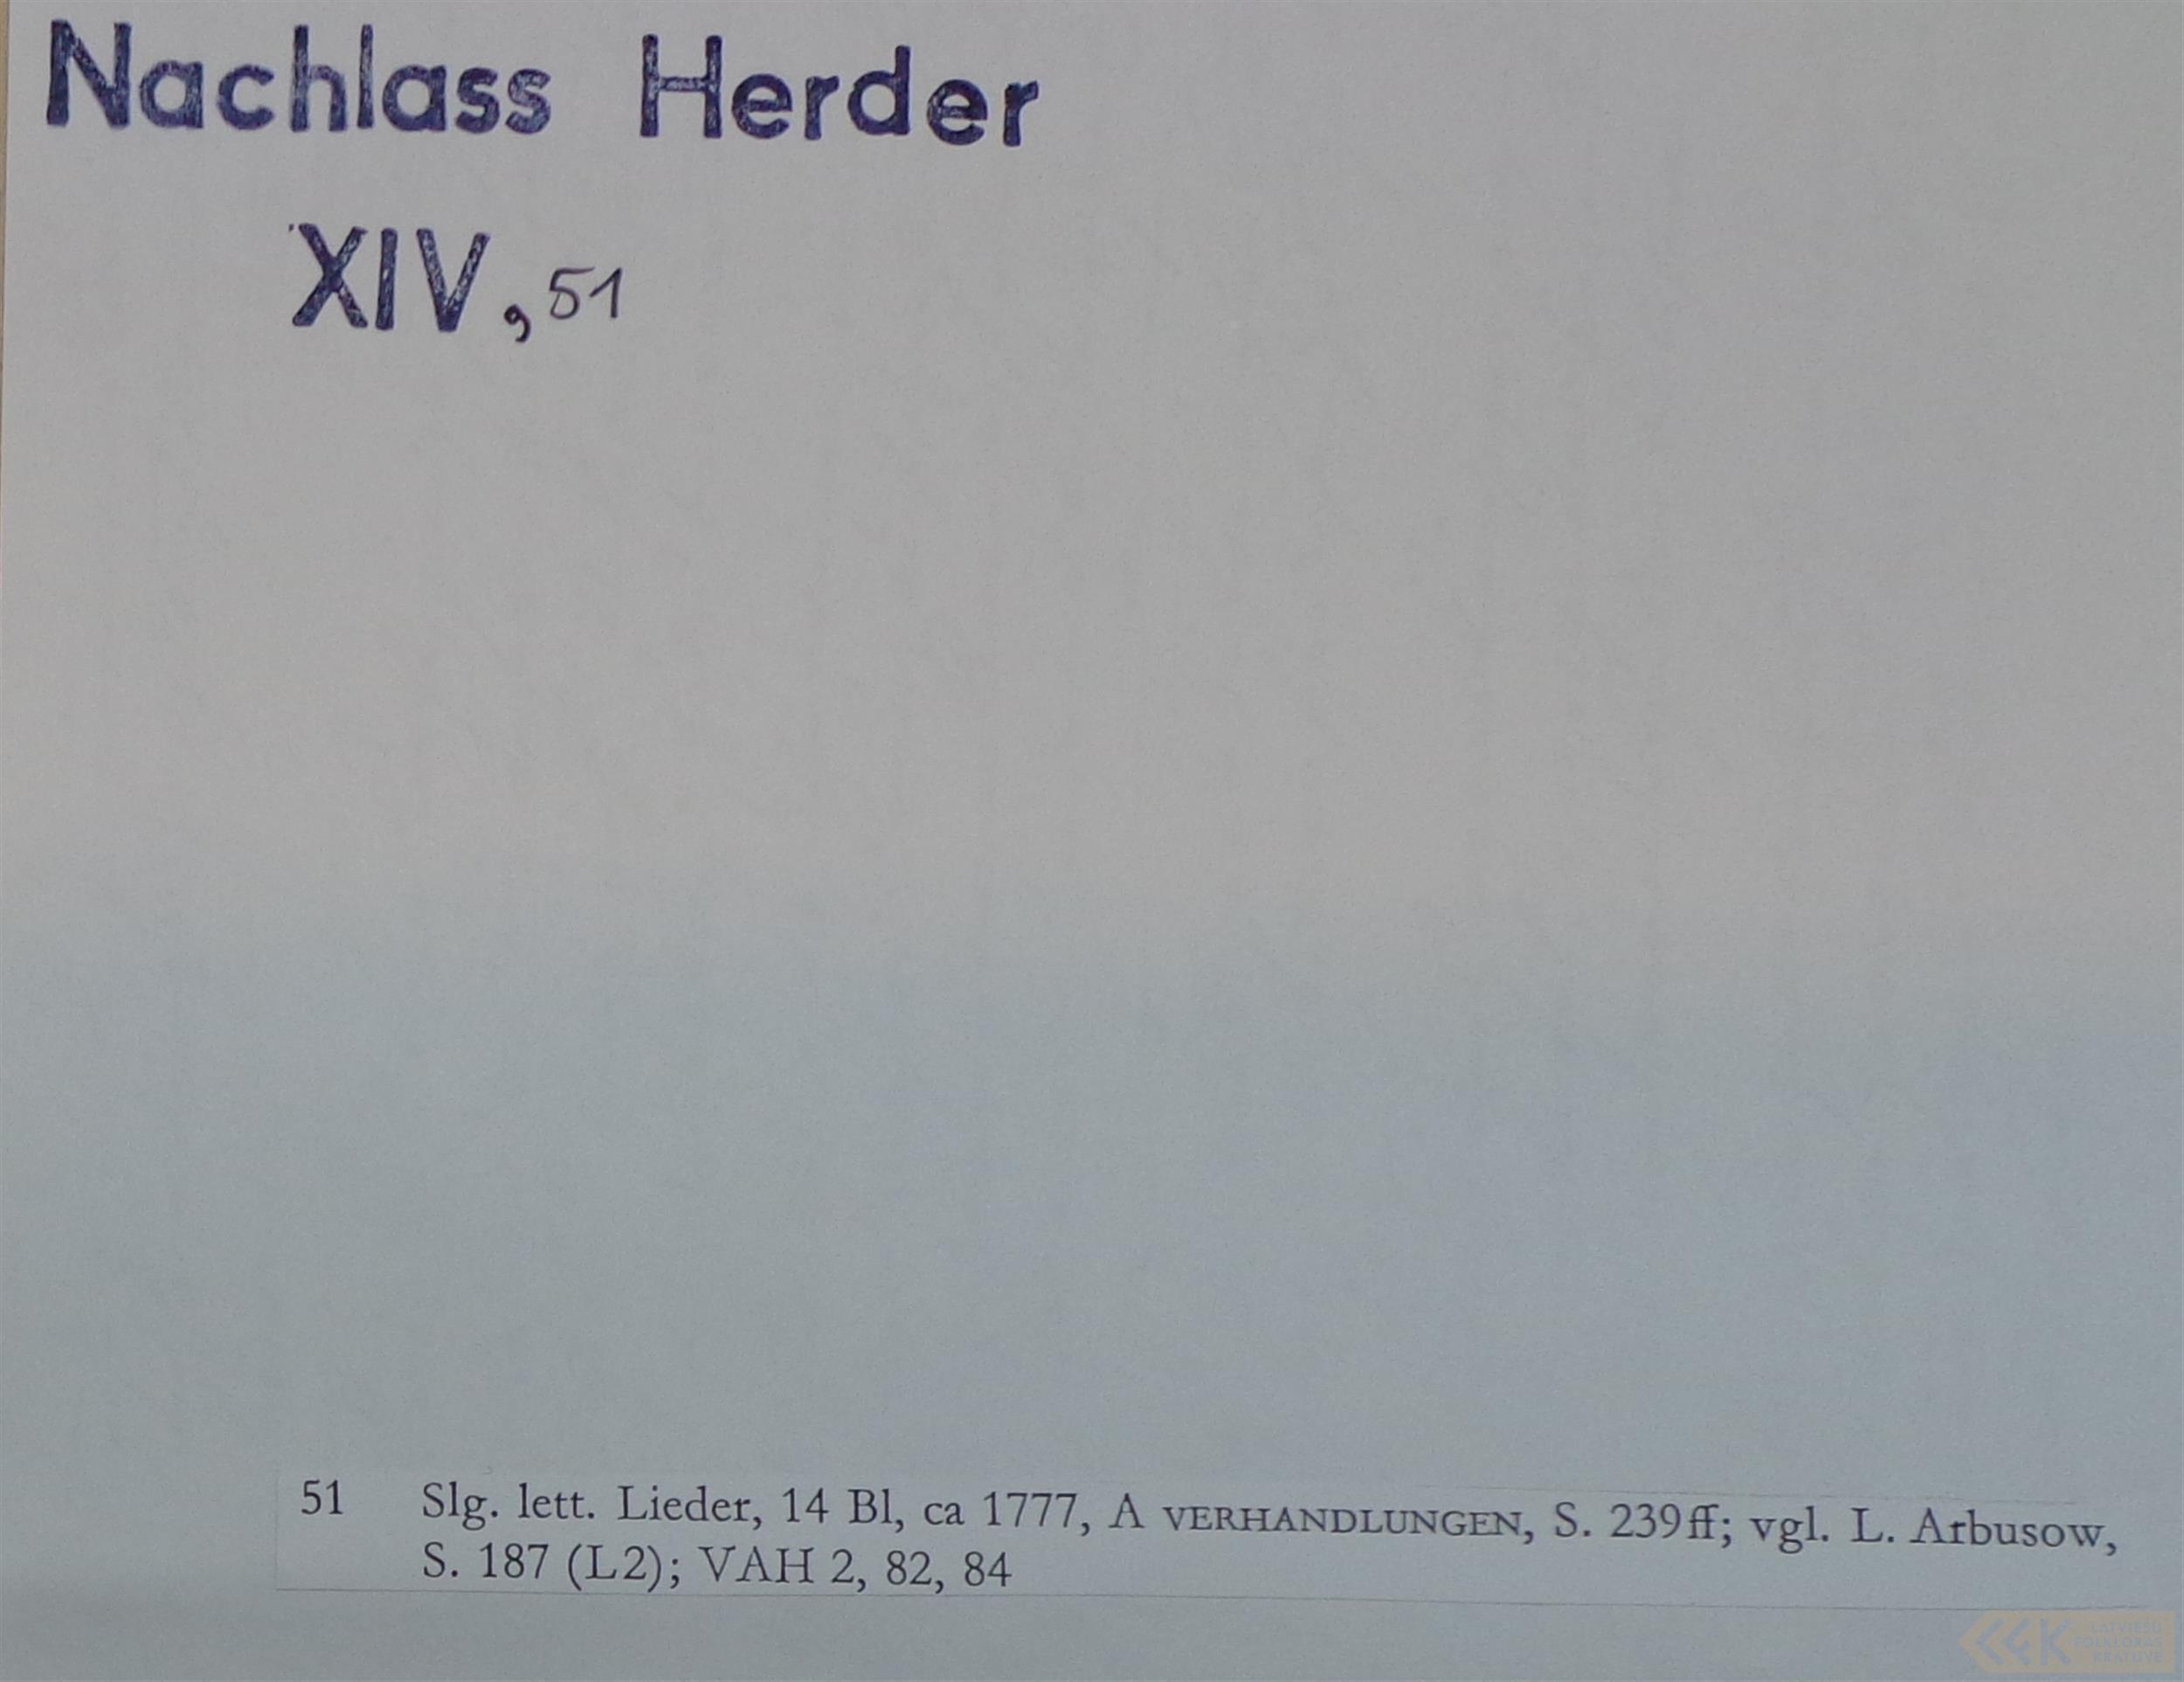 01-SBB-Herders-09